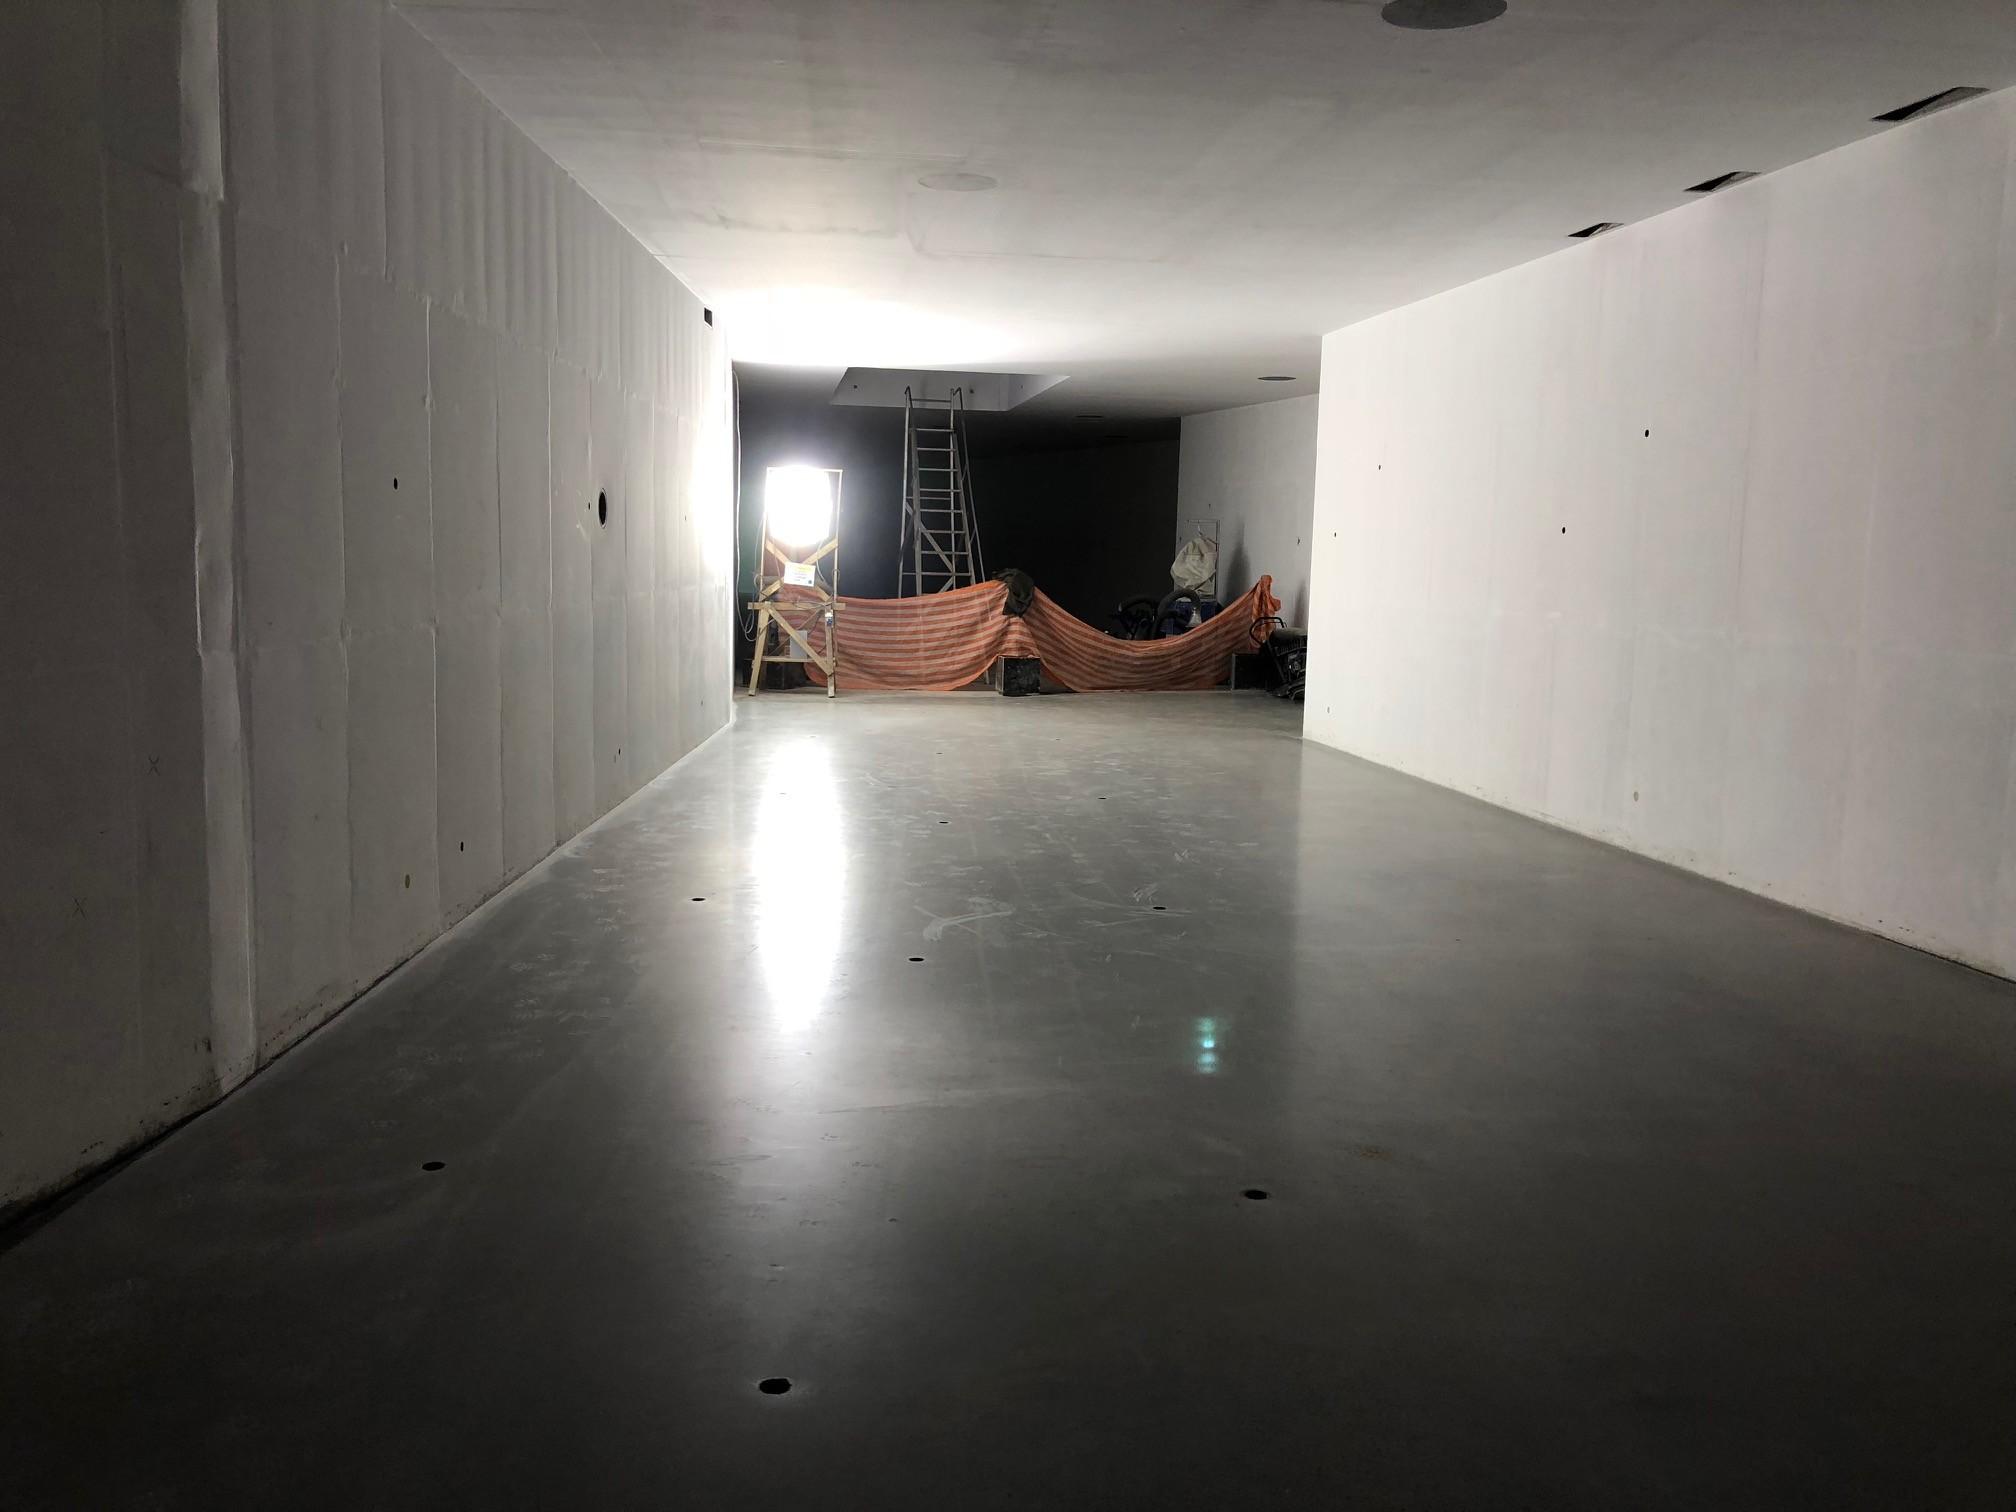 Piso concluído do interior do prédio (Foto: Thiago Tanji)